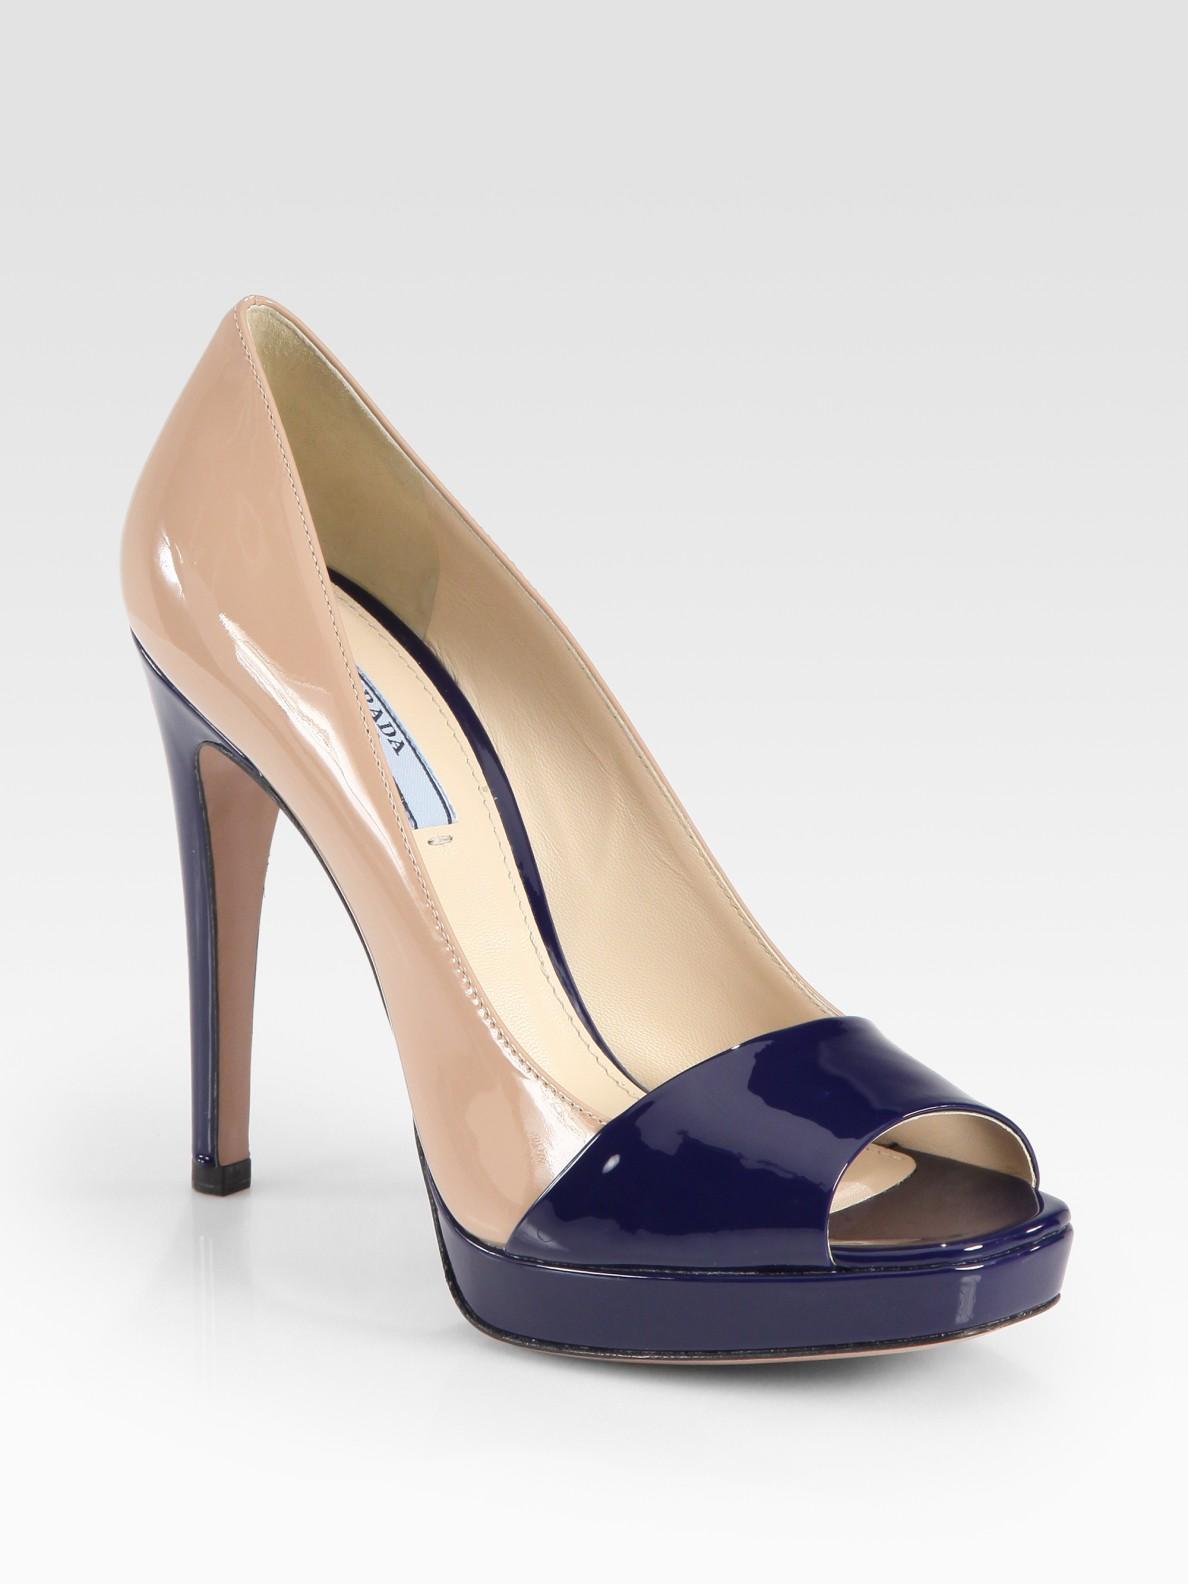 Black Patent Leather Platform Court Shoes